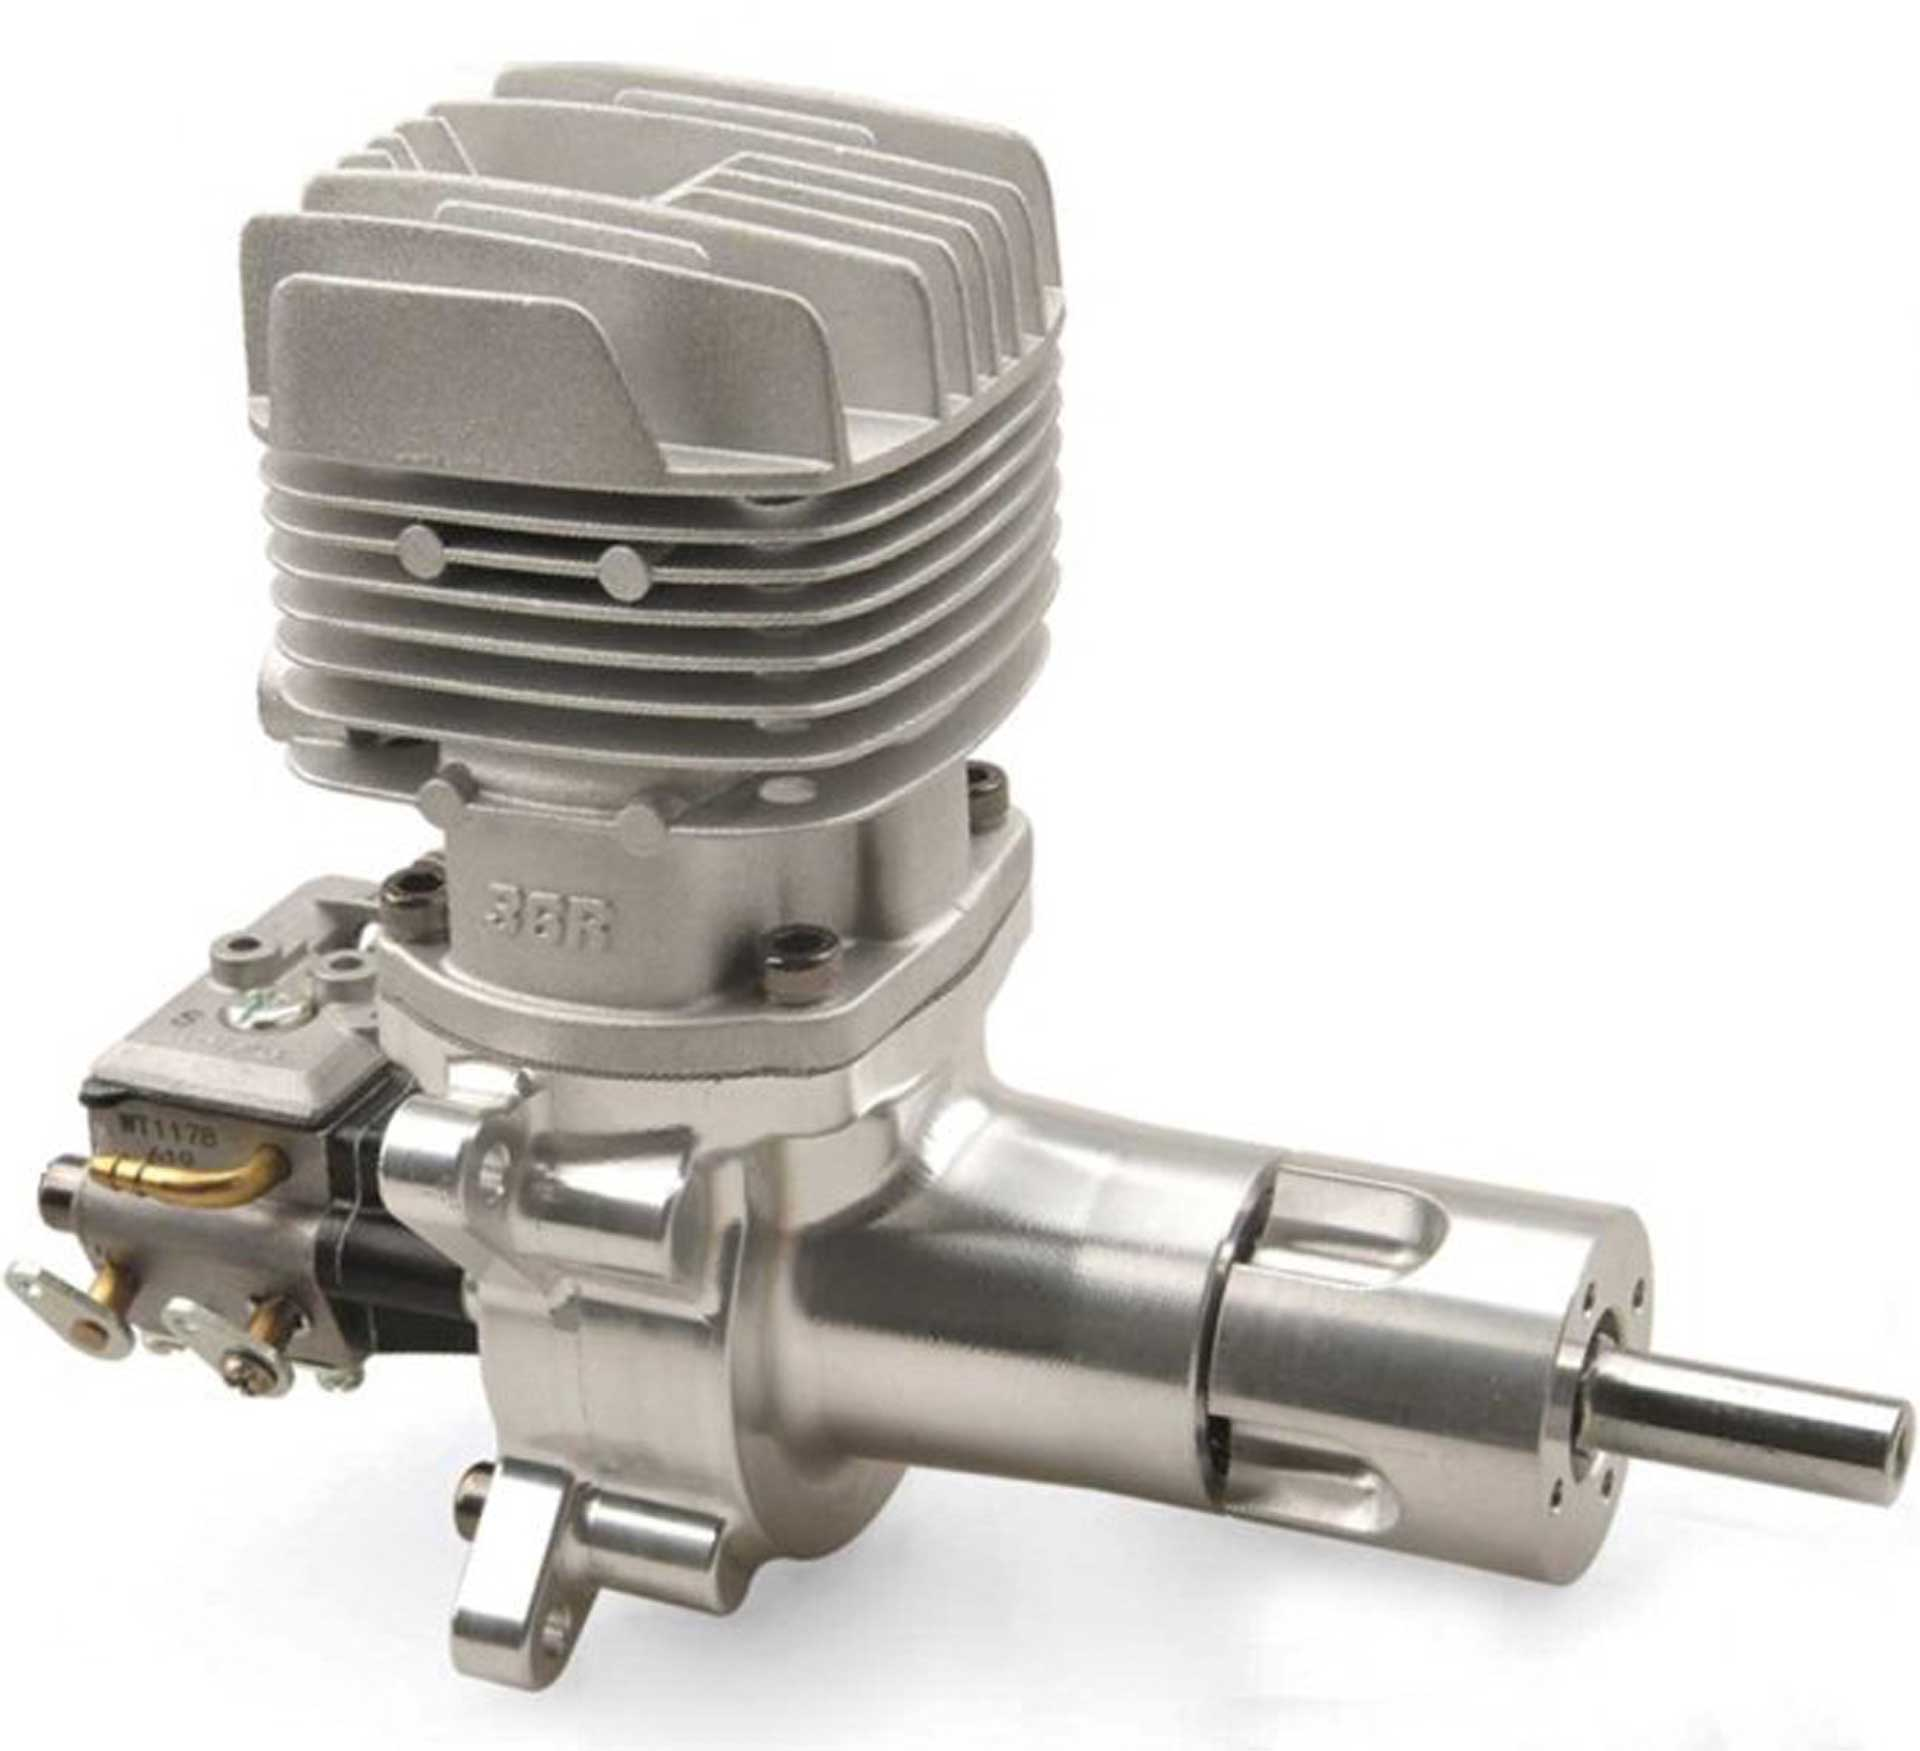 PICHLER CRRCpro GP36R Benzin Motor 36ccm inkl. Zündung und Schalldämpfer